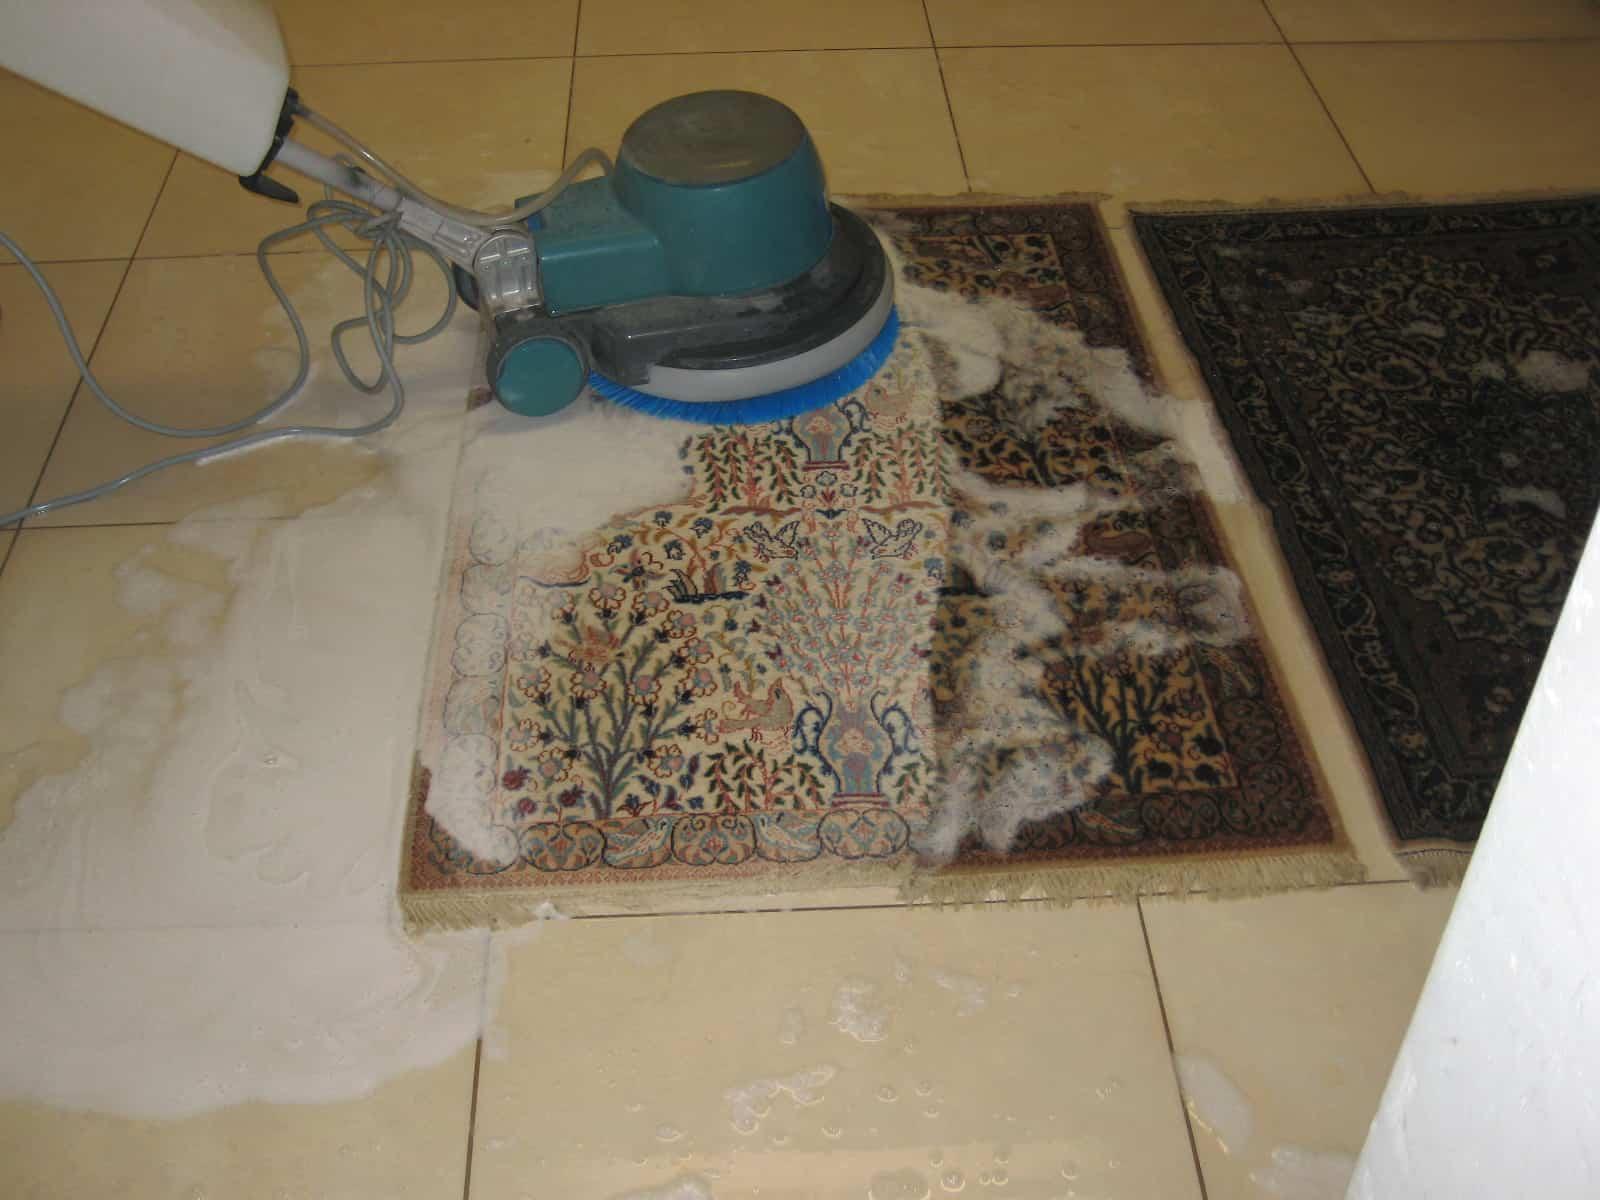 Astuces de nettoyage de tapis qui peuvent le sauver